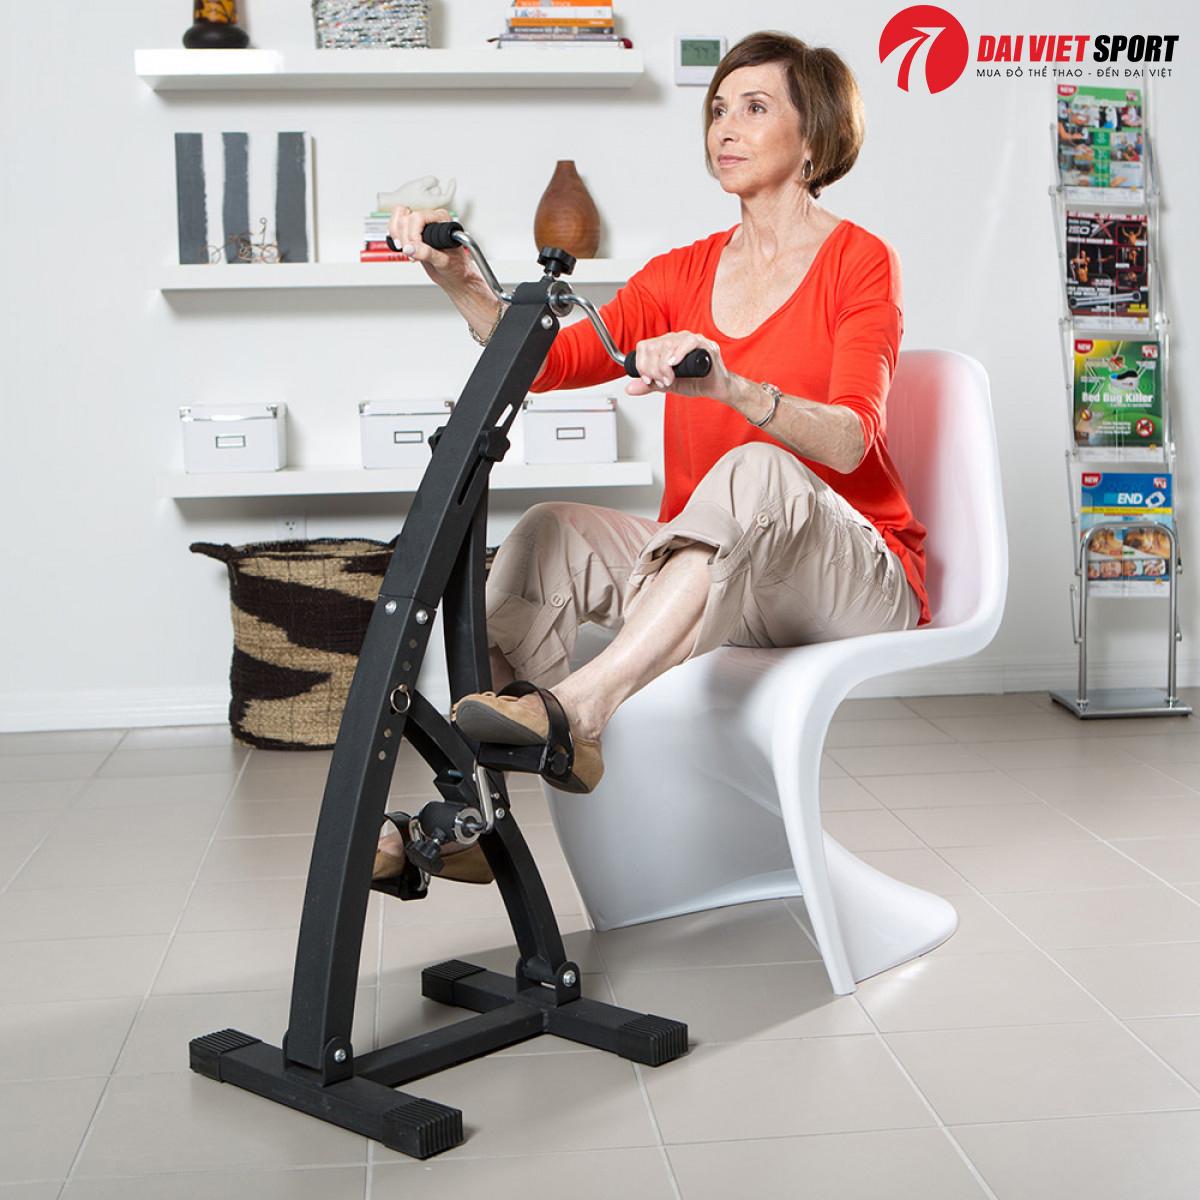 máy tập đạp xe cho người già